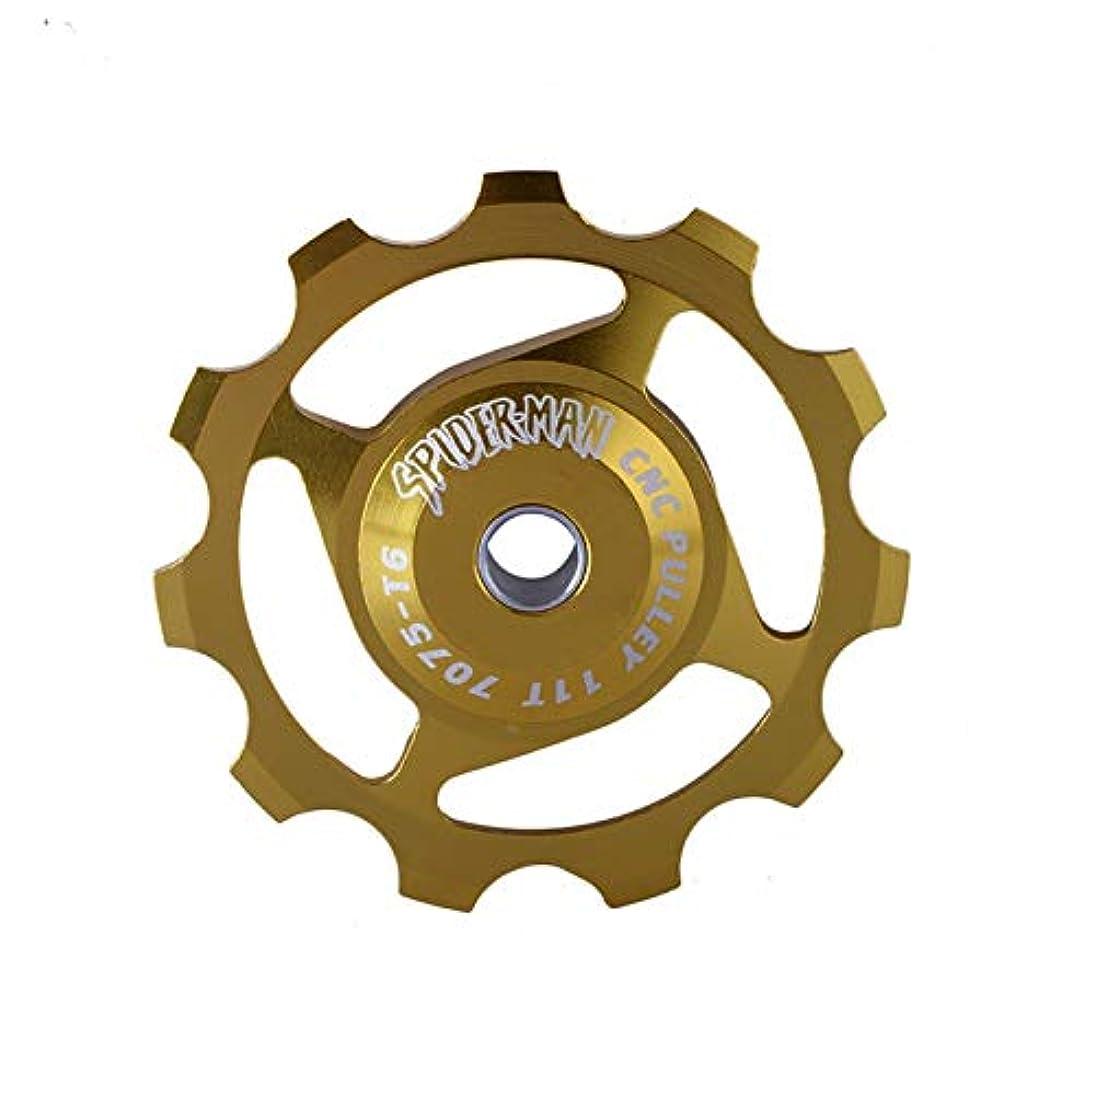 予防接種するデマンド部屋を掃除するPropenary - 自転車リアディレイラー7075アルミニウム11Tロードバイクベアリングリアディレイラープーリーローラーアイドラーの自転車ジョッキーホイール部品[イエロー]